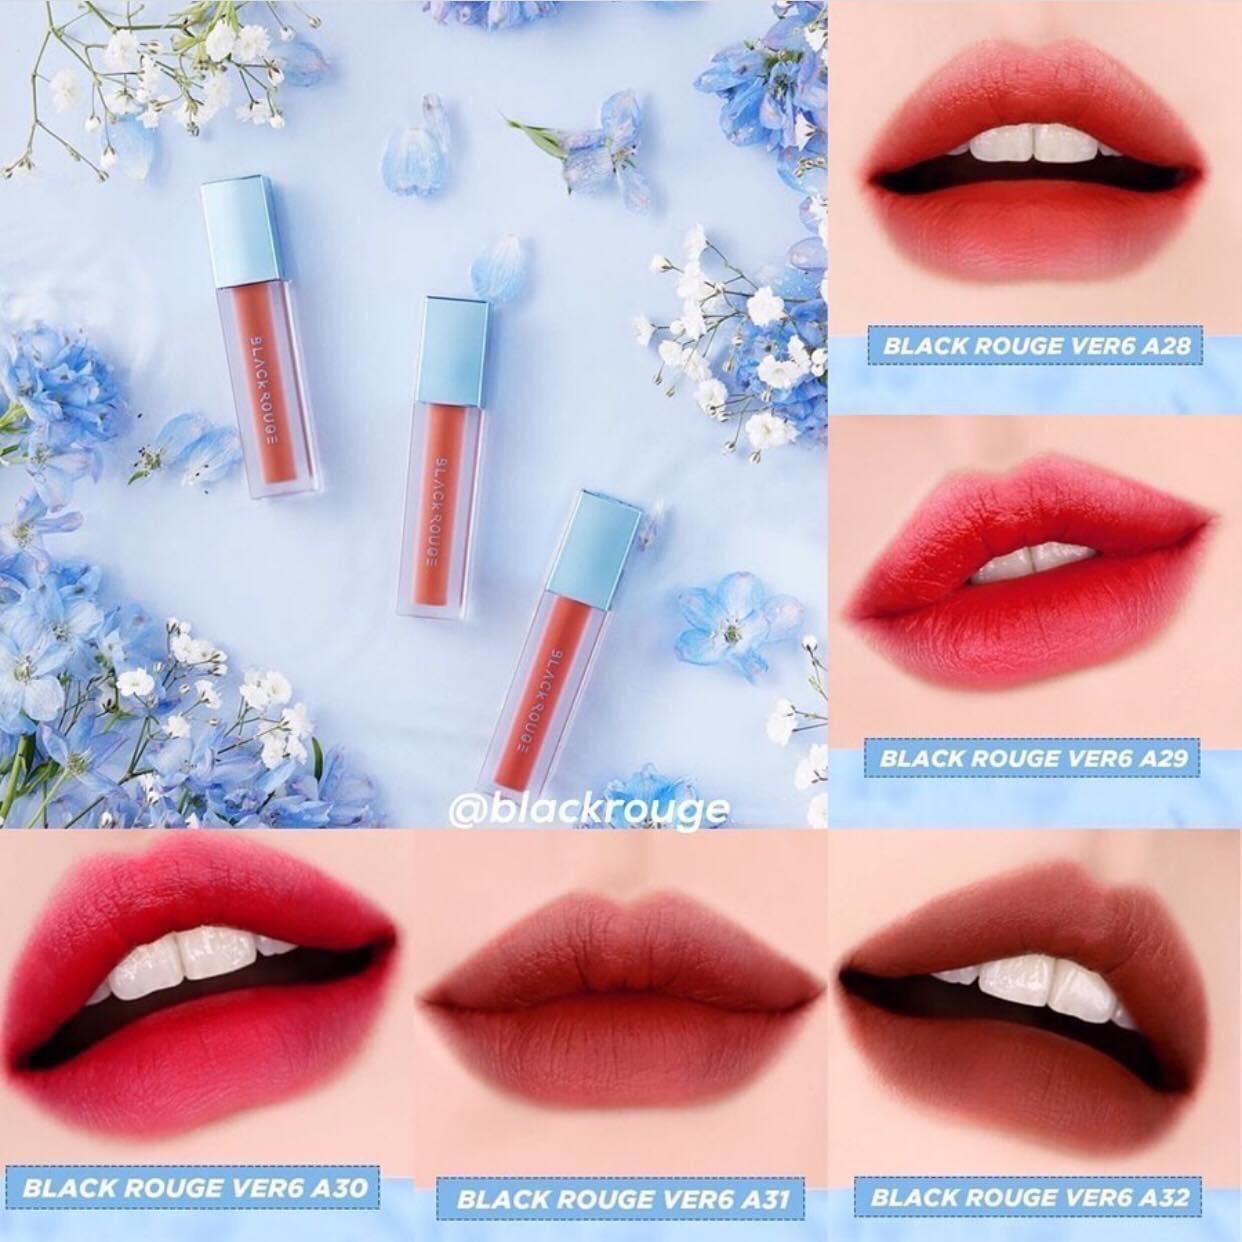 Son Kem Lì Black Rouge Air Fit Velvet Tint Ver 5: BAM + Ver 6 Blueming Garden bền màu độ bám cao không gây hiện tượng khô môi